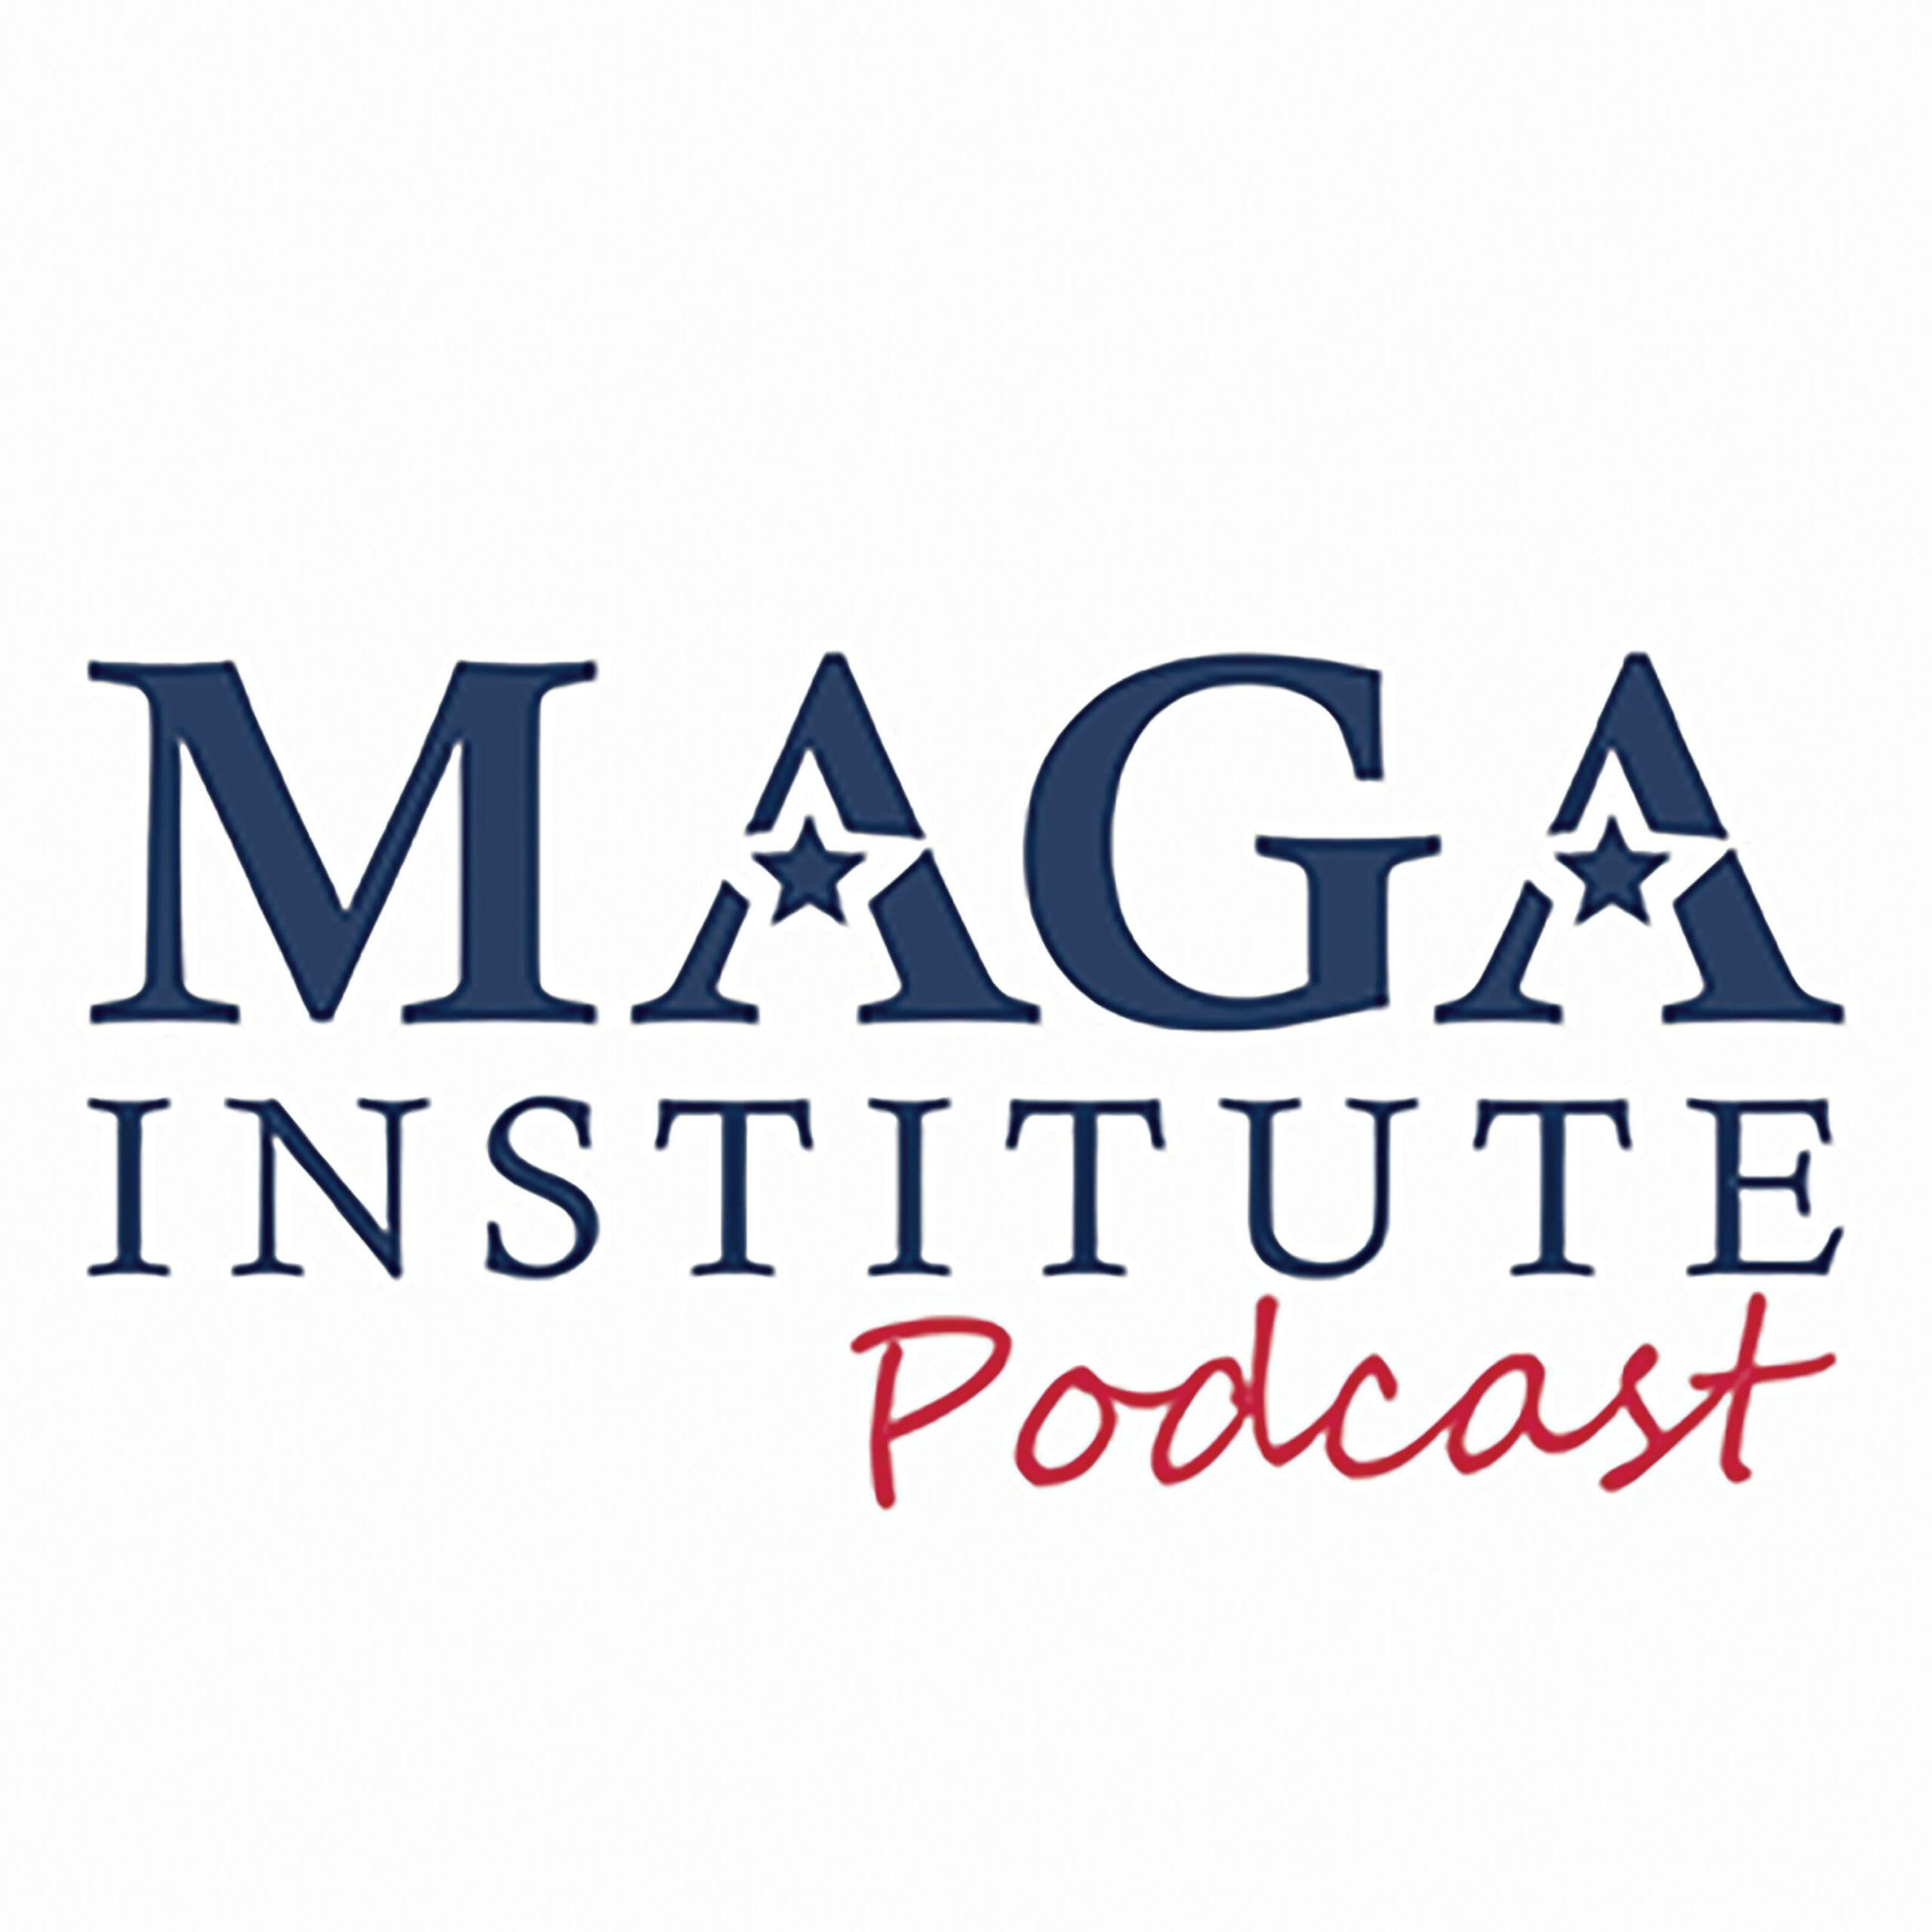 MAGA Institute Podcast